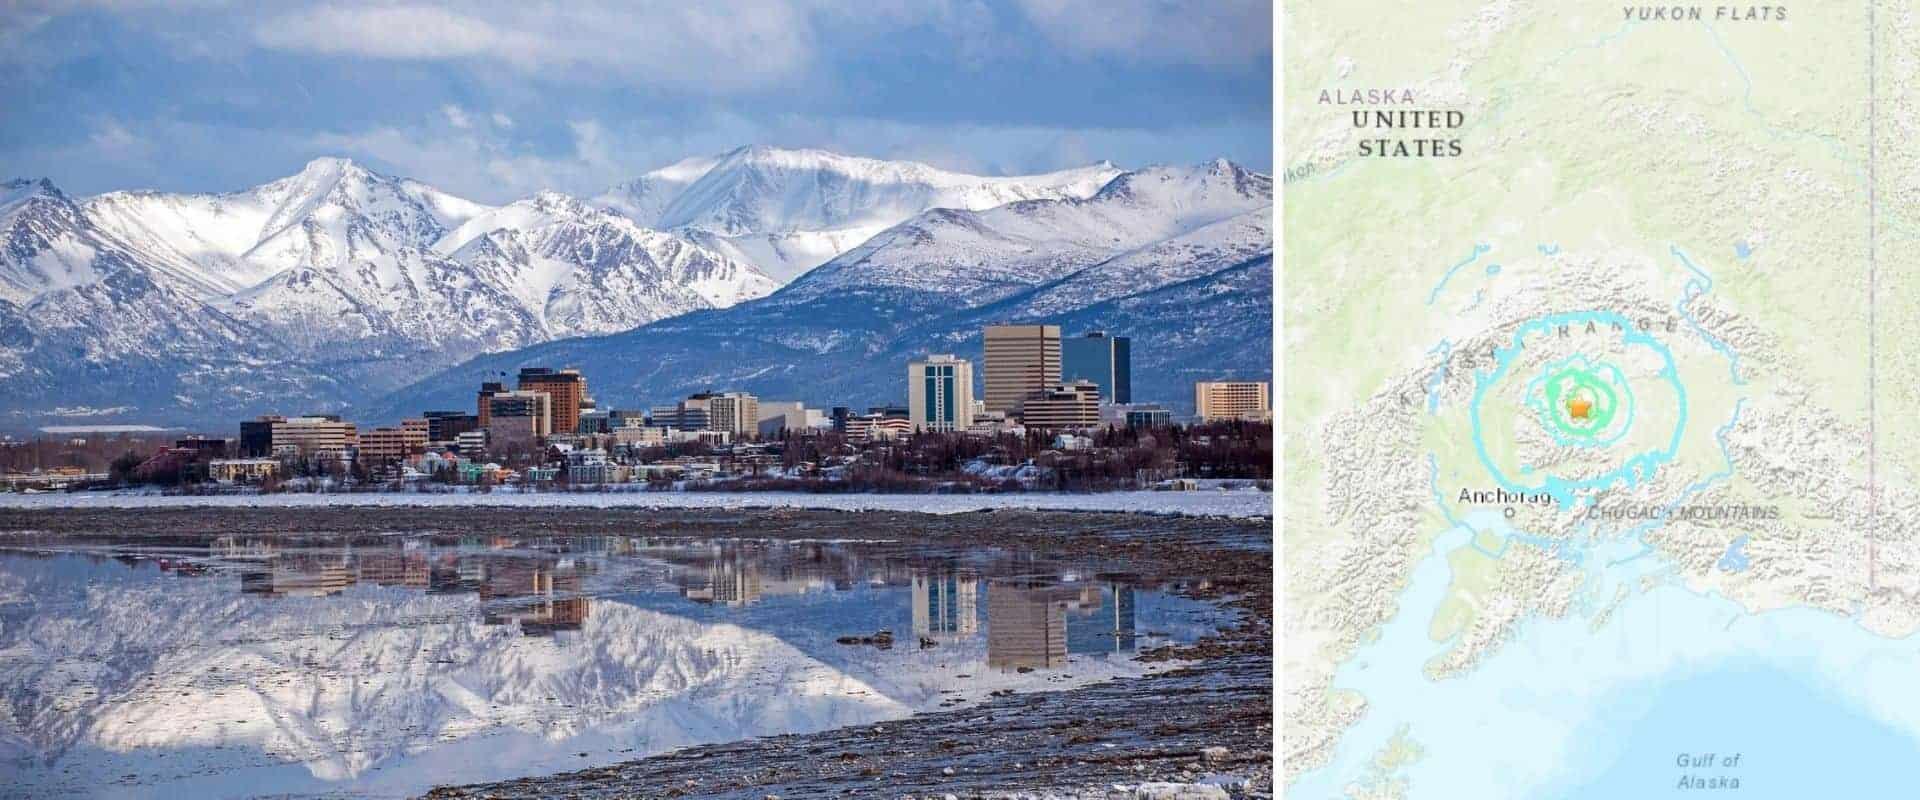 Se registró un terremoto de 6.1 de magnitud en Alaska durante la noche del último domingo de Mayo